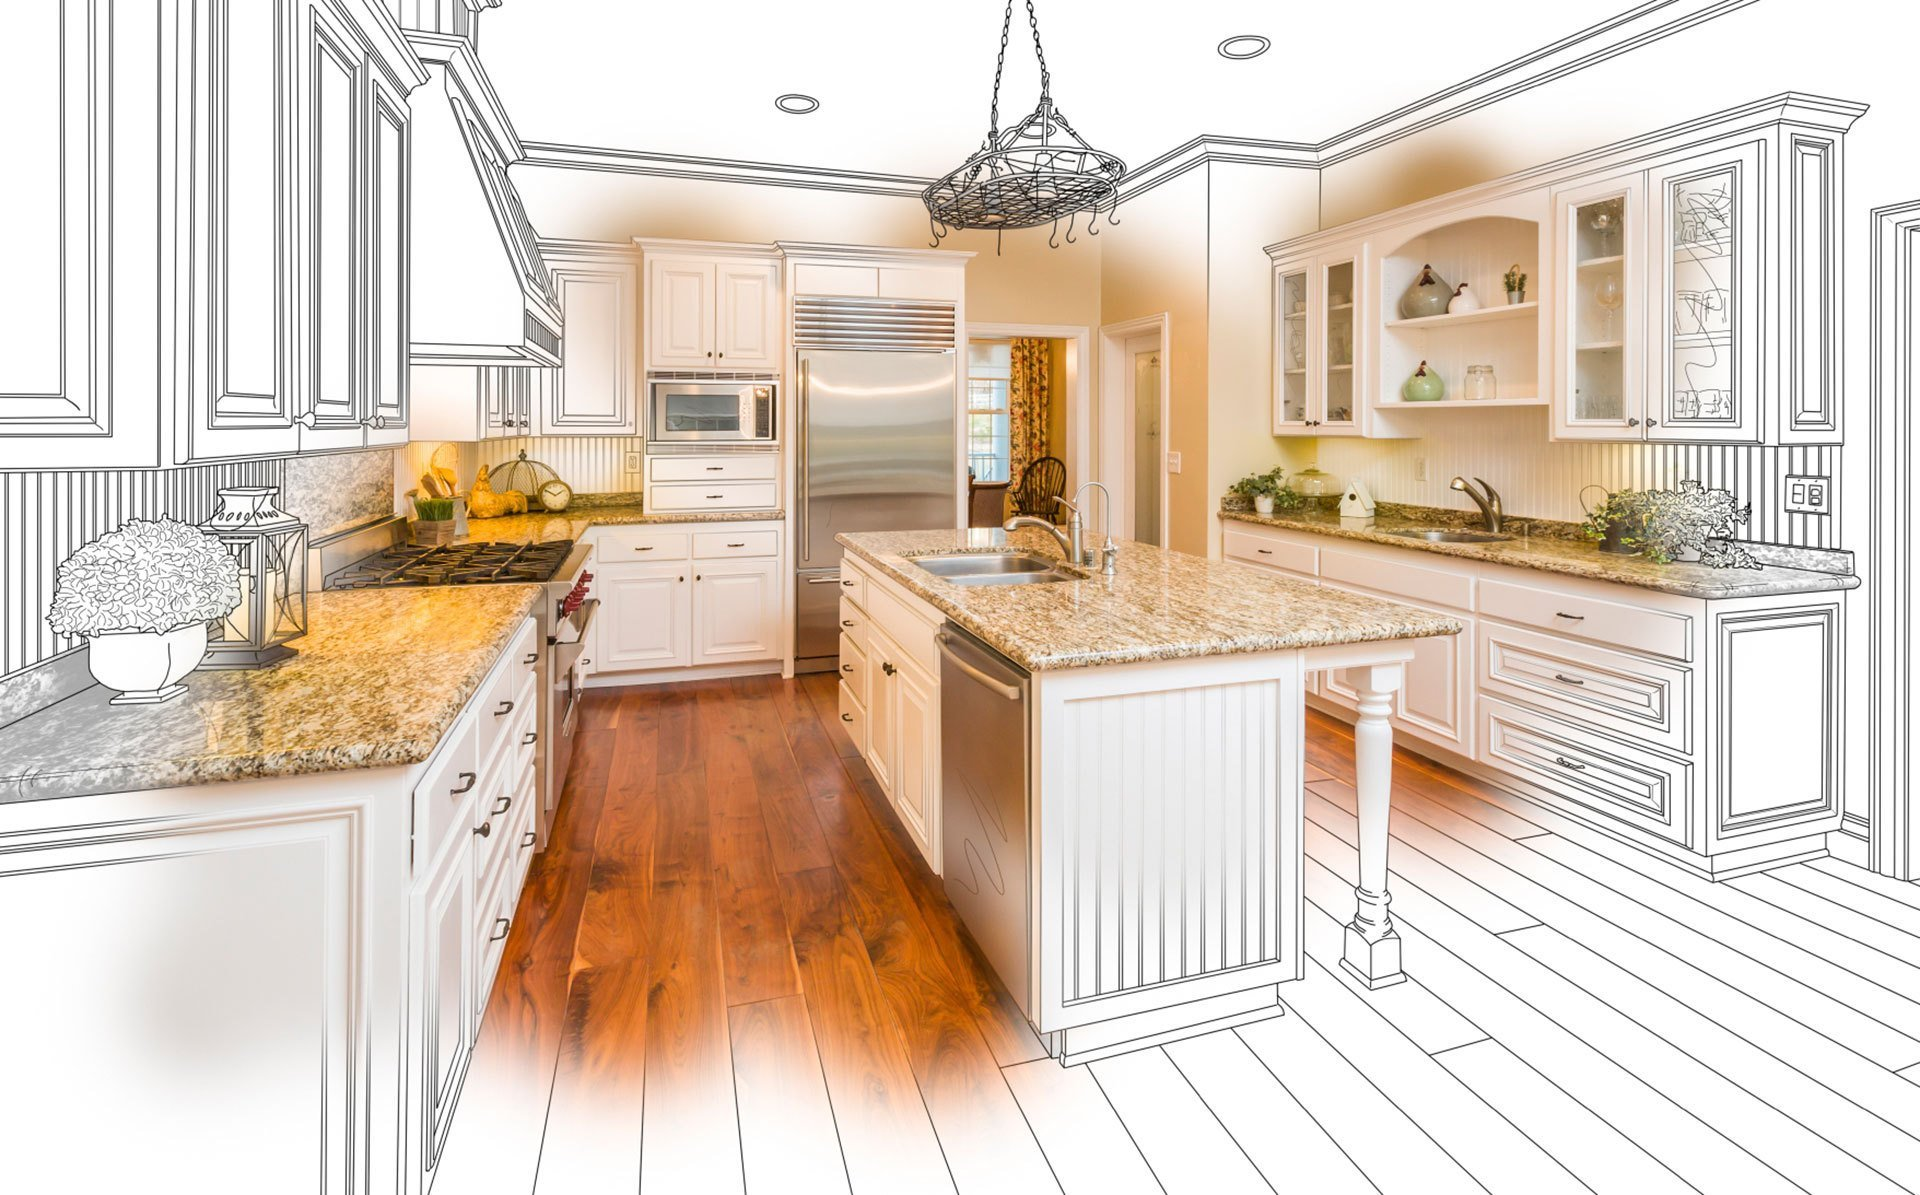 Bestaande Keuken Uitbreiden : Een nieuwe keuken laten plaatsen wat kost een keuken plaatsen